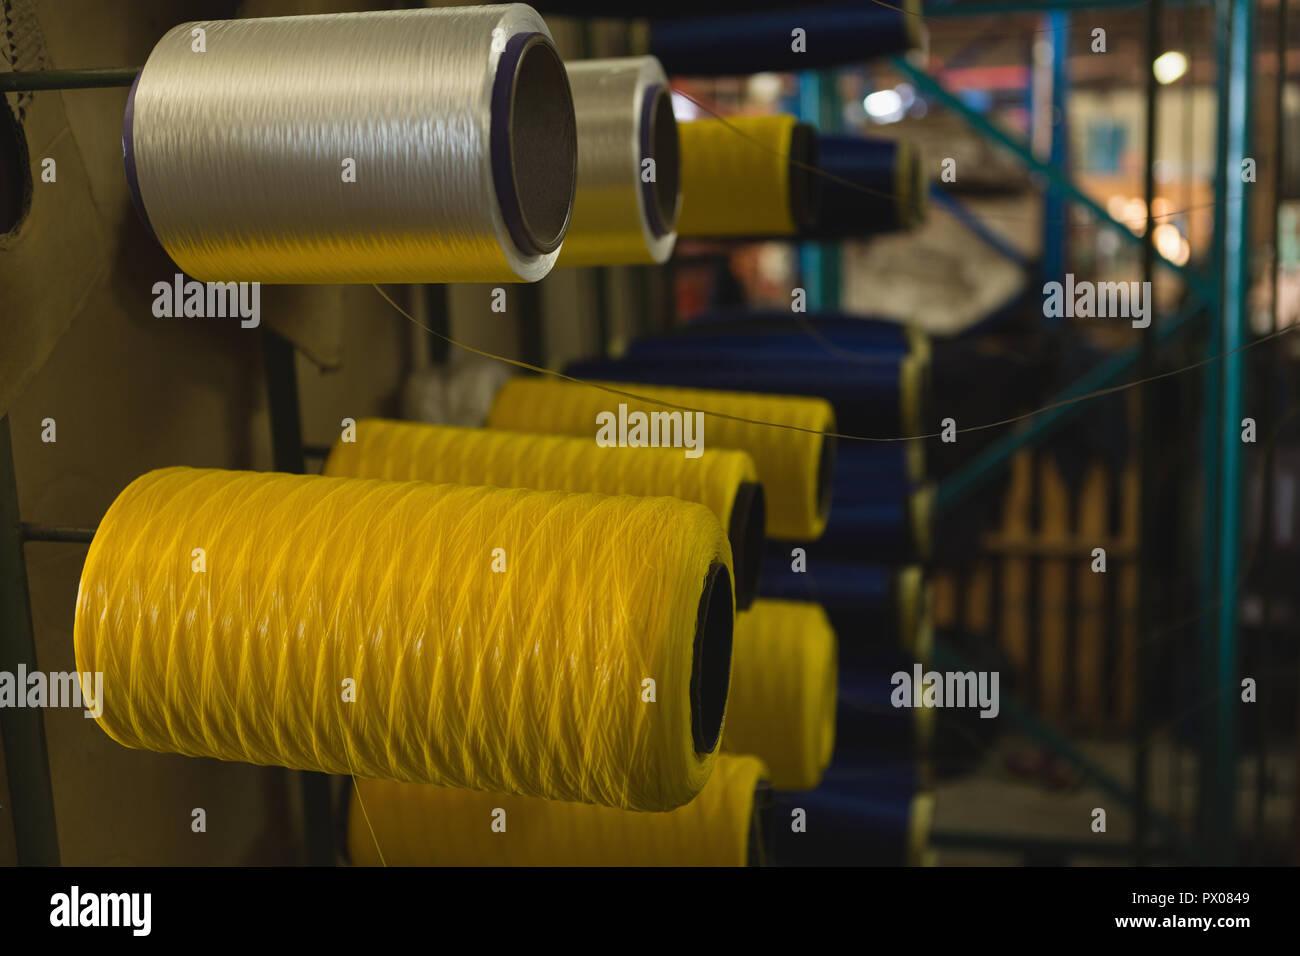 Rouleau de fil disposés en rack à l'industrie de la corde Banque D'Images